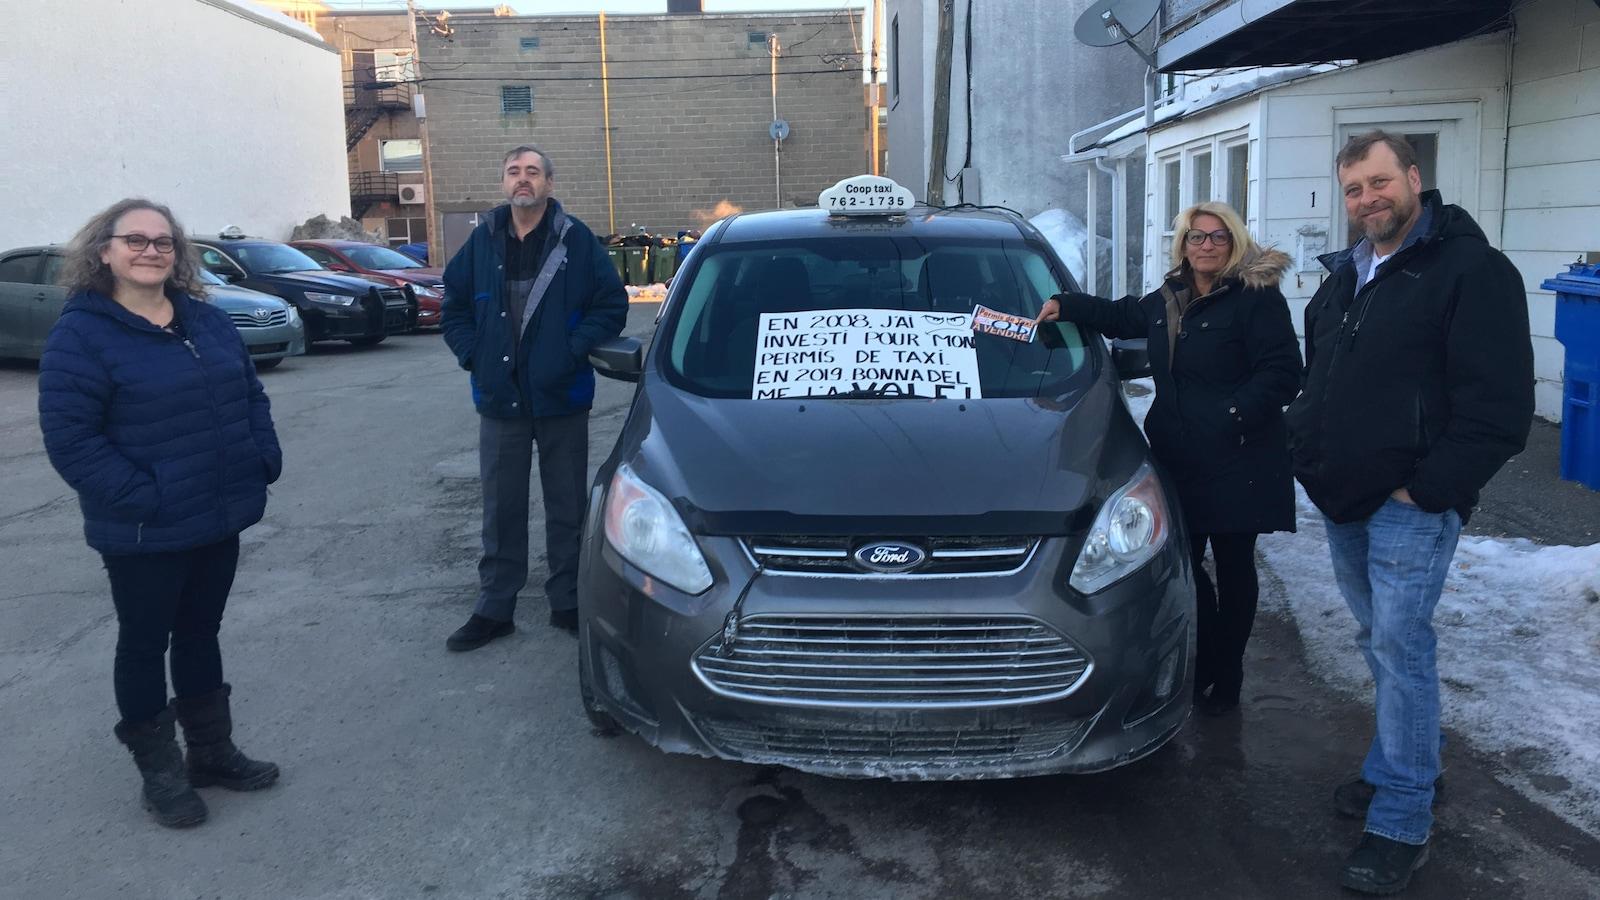 Quatre chauffeurs de taxi se tiennent près d'un taxi. Sur une pancarte il est inscrit « En 2008, j'ai investi pour mon permis de taxi. En 2019 Bonnadel me l'a volé. À vendre zéro dollar ».